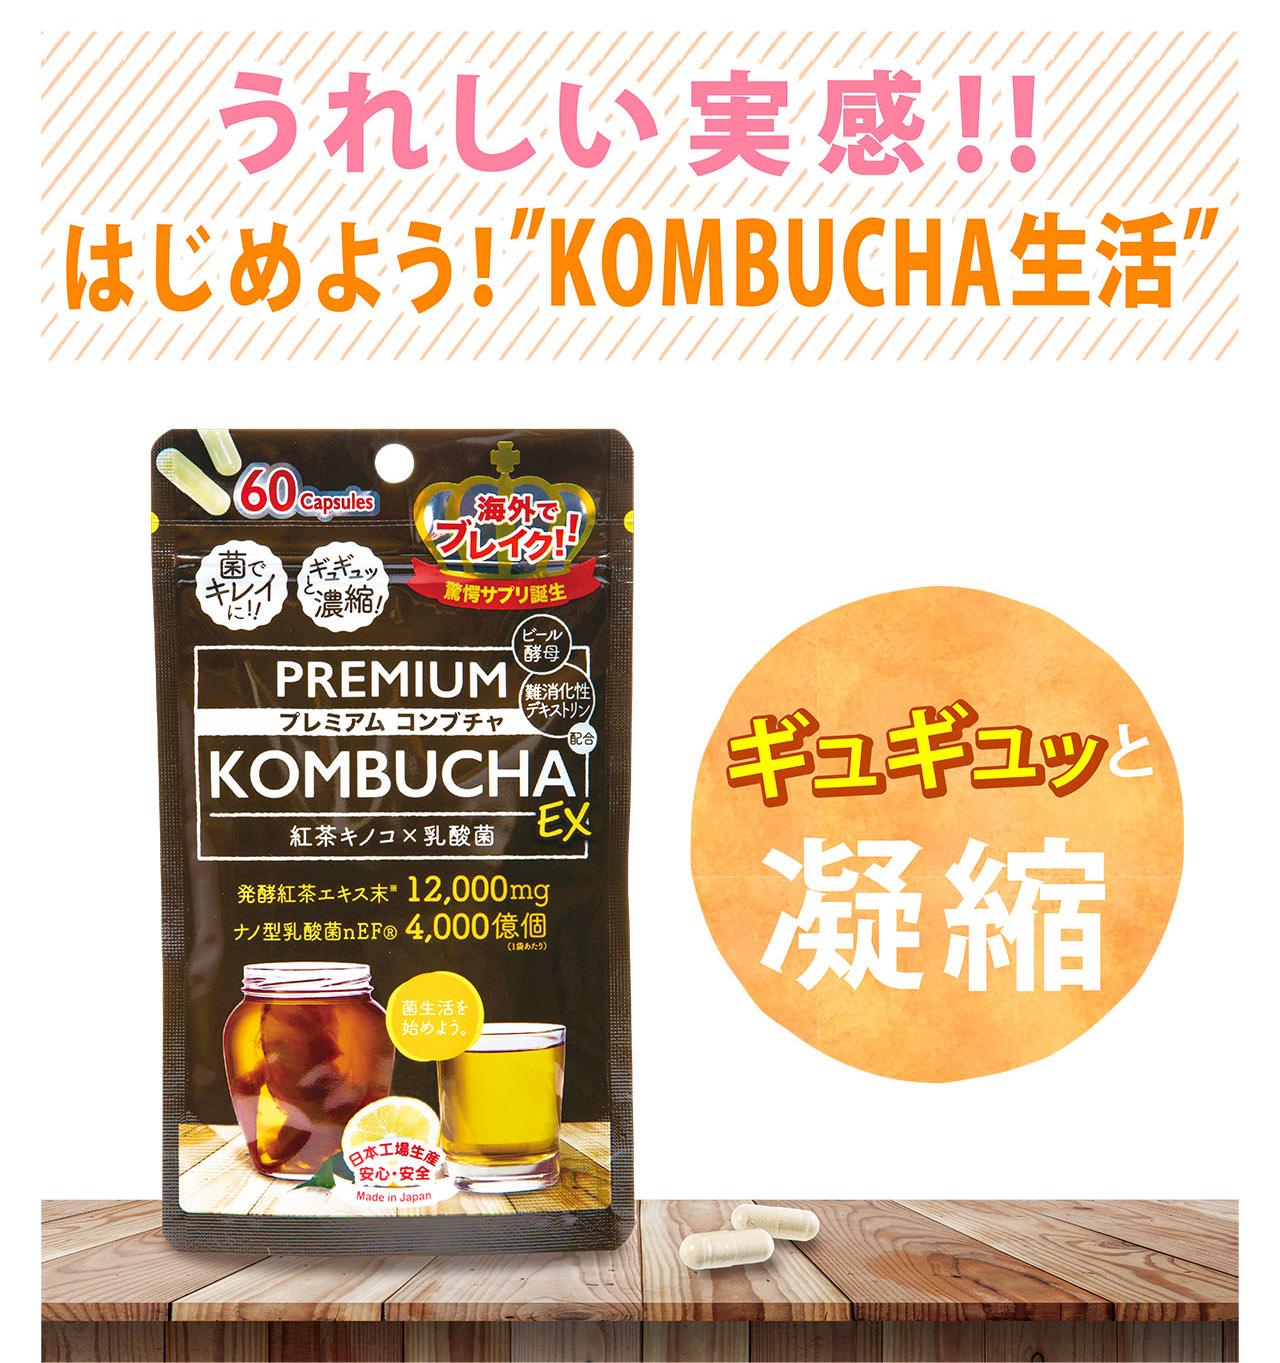 """うれしい実感!! はじめよう!""""KOMBUCHA生活"""" ギュギュッと凝縮"""